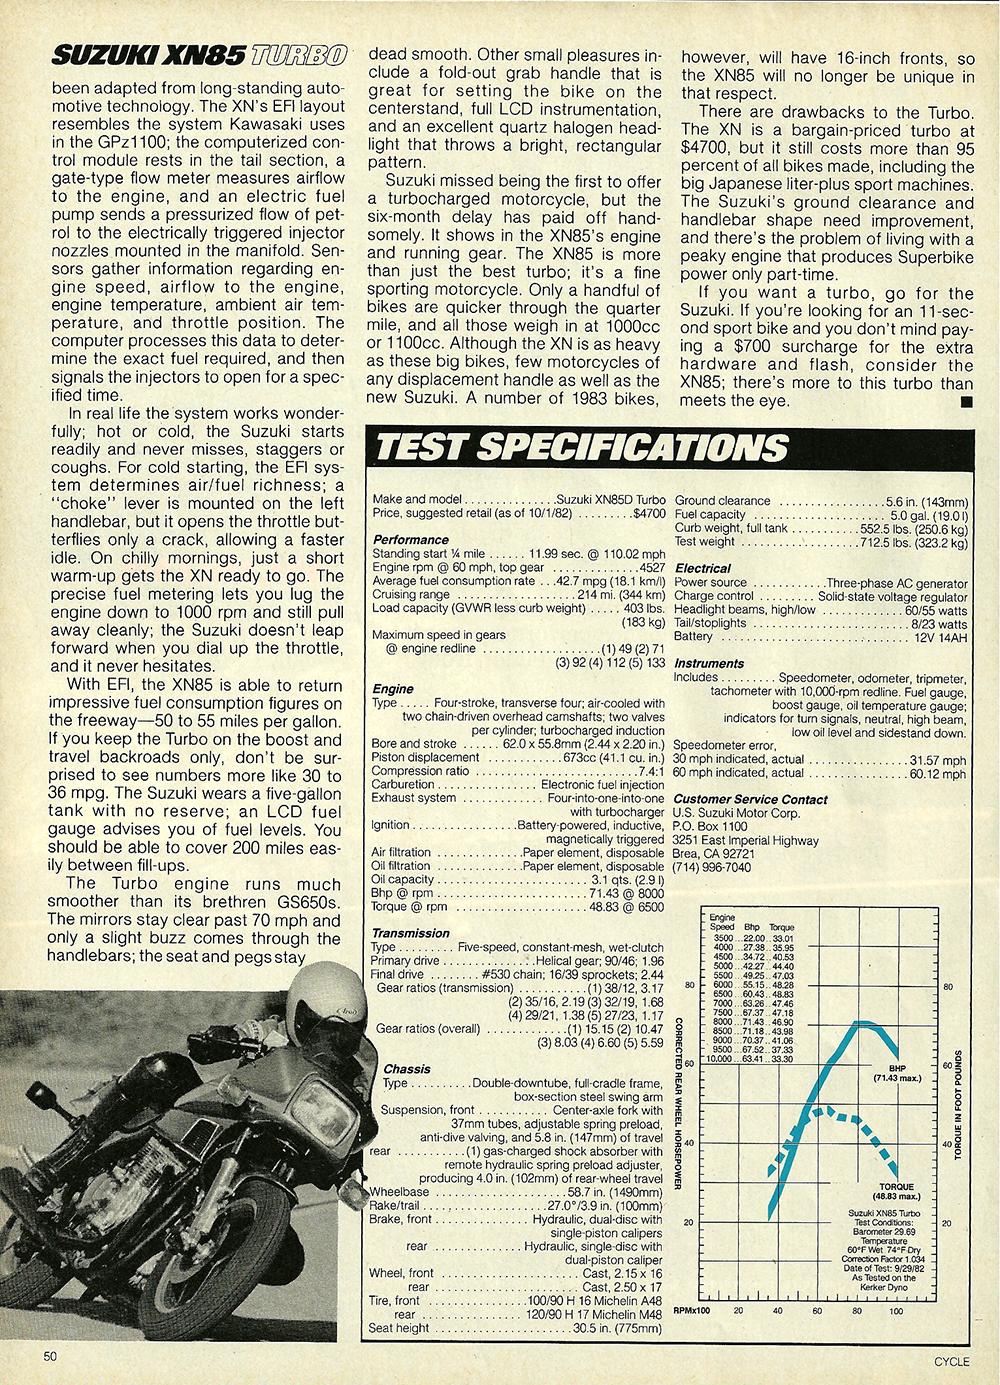 1983 Suzuki XN85 Turbo road test 8.jpg